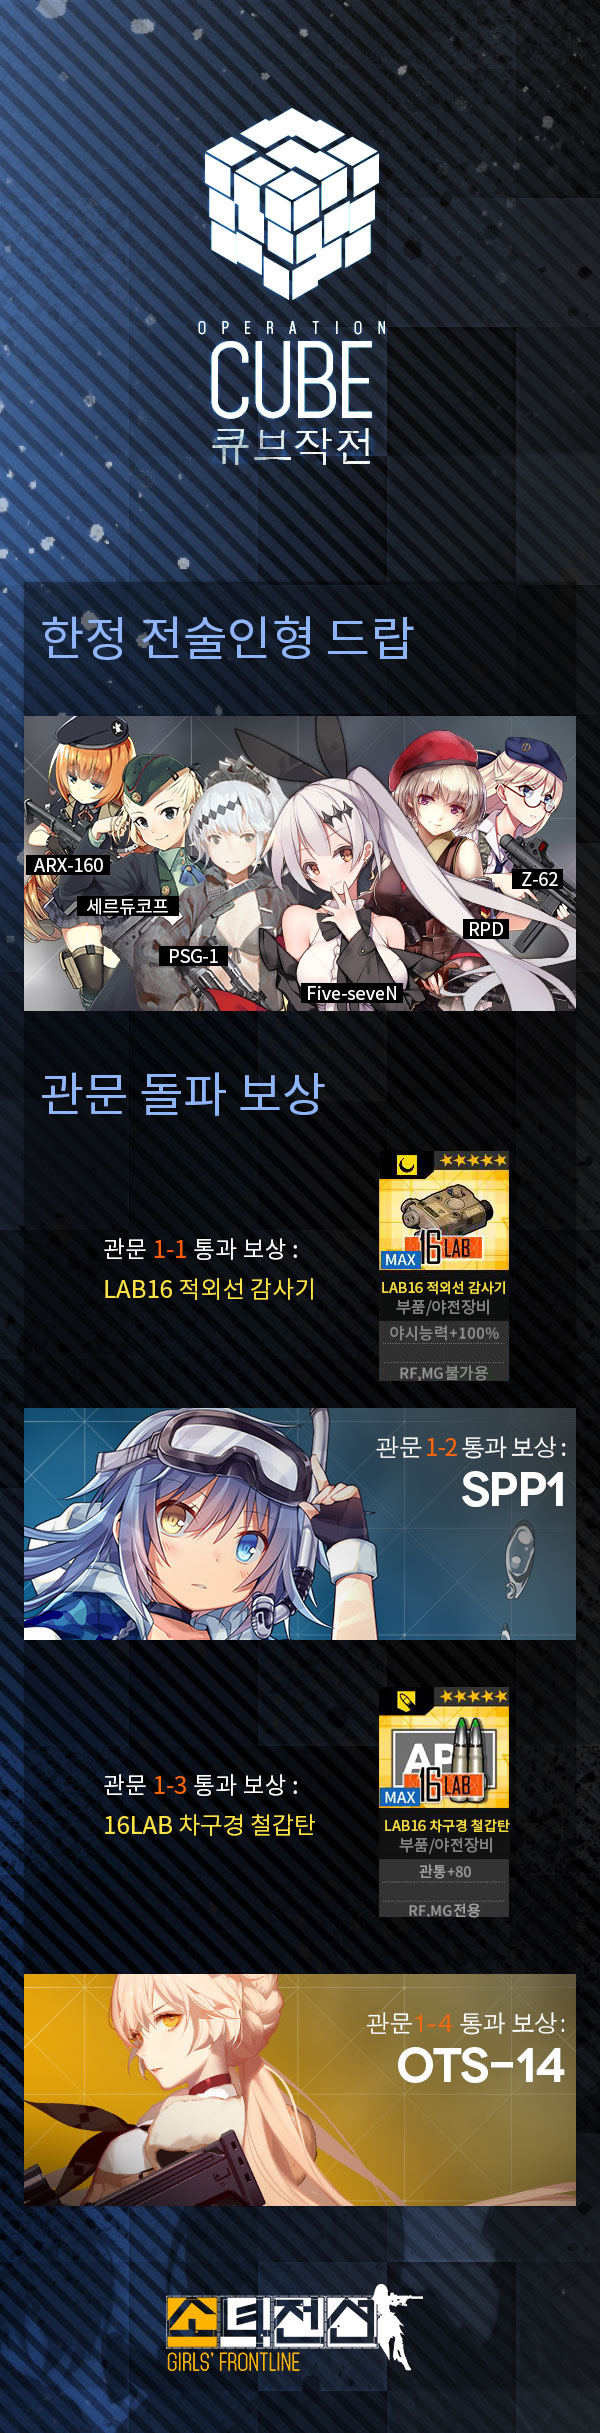 [소녀전선] 큐브 이벤트 예고